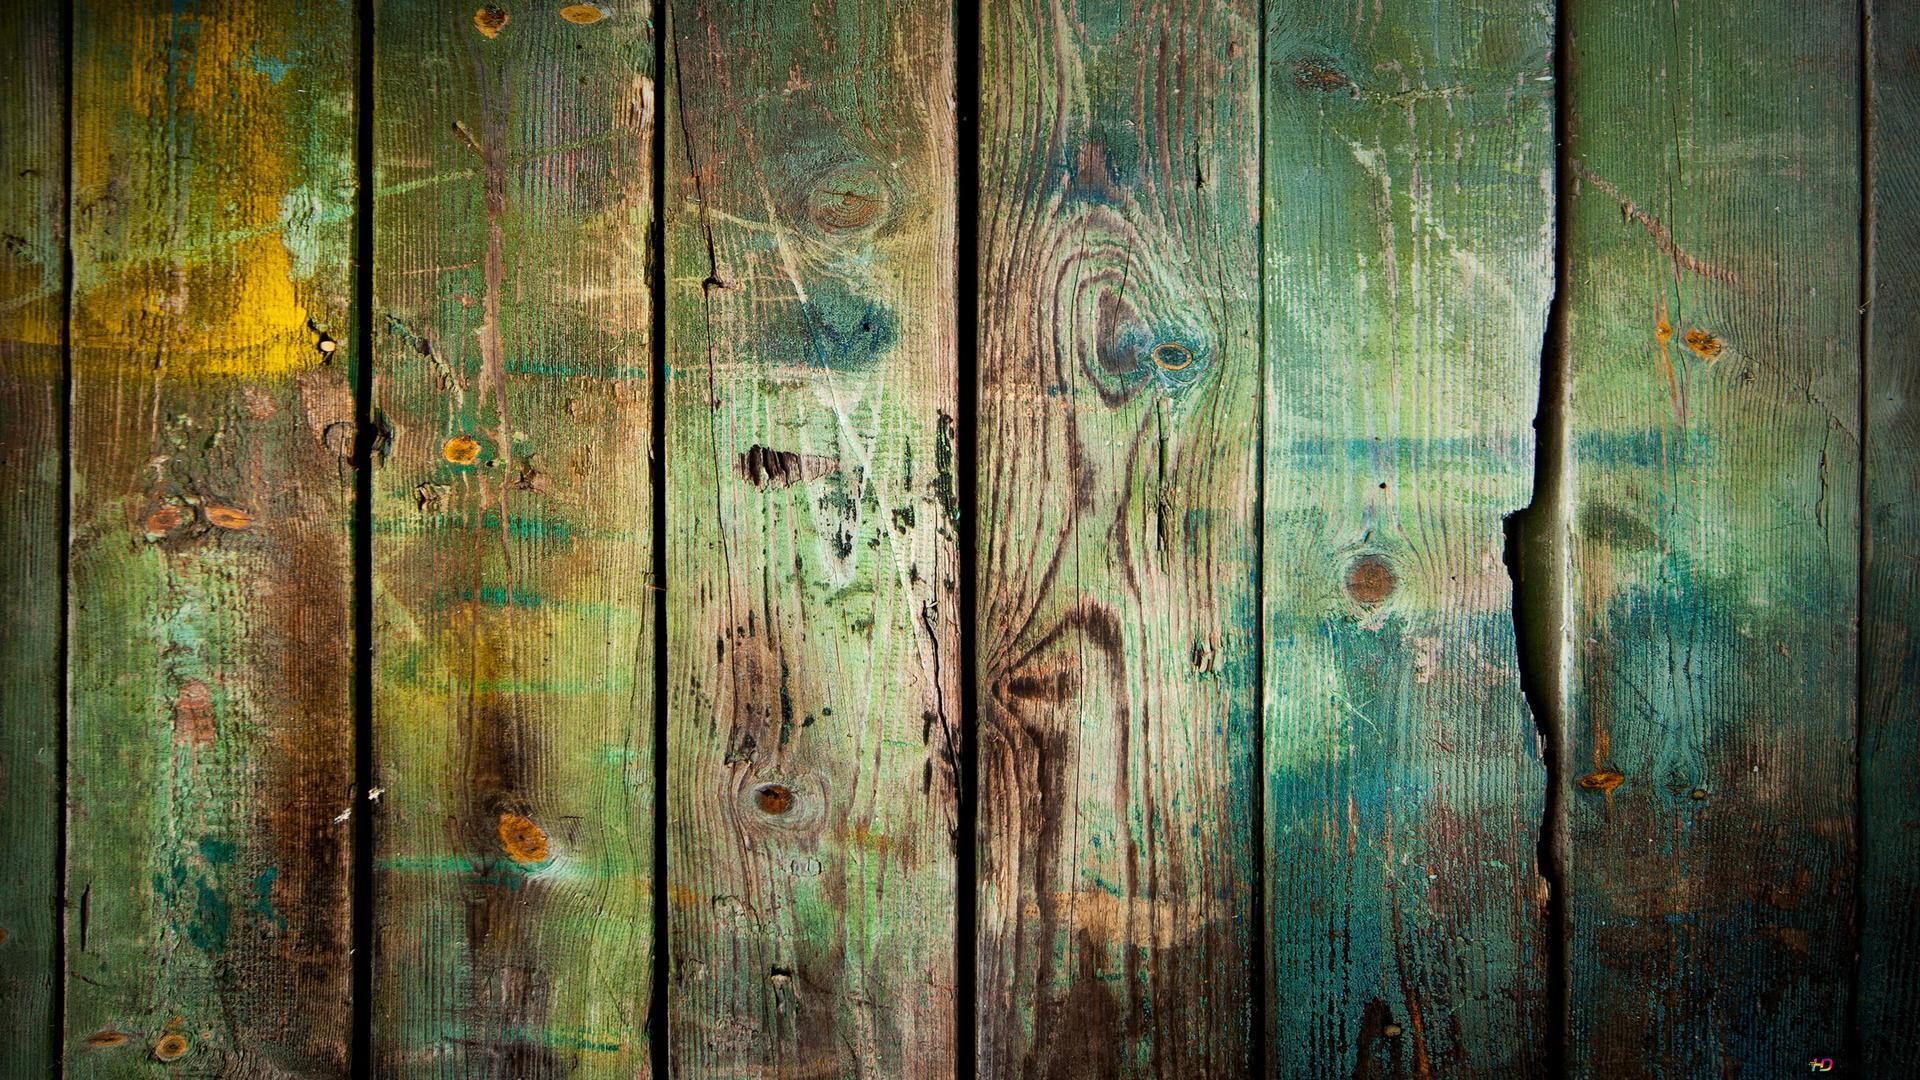 古い木製プランク Hd壁紙のダウンロード